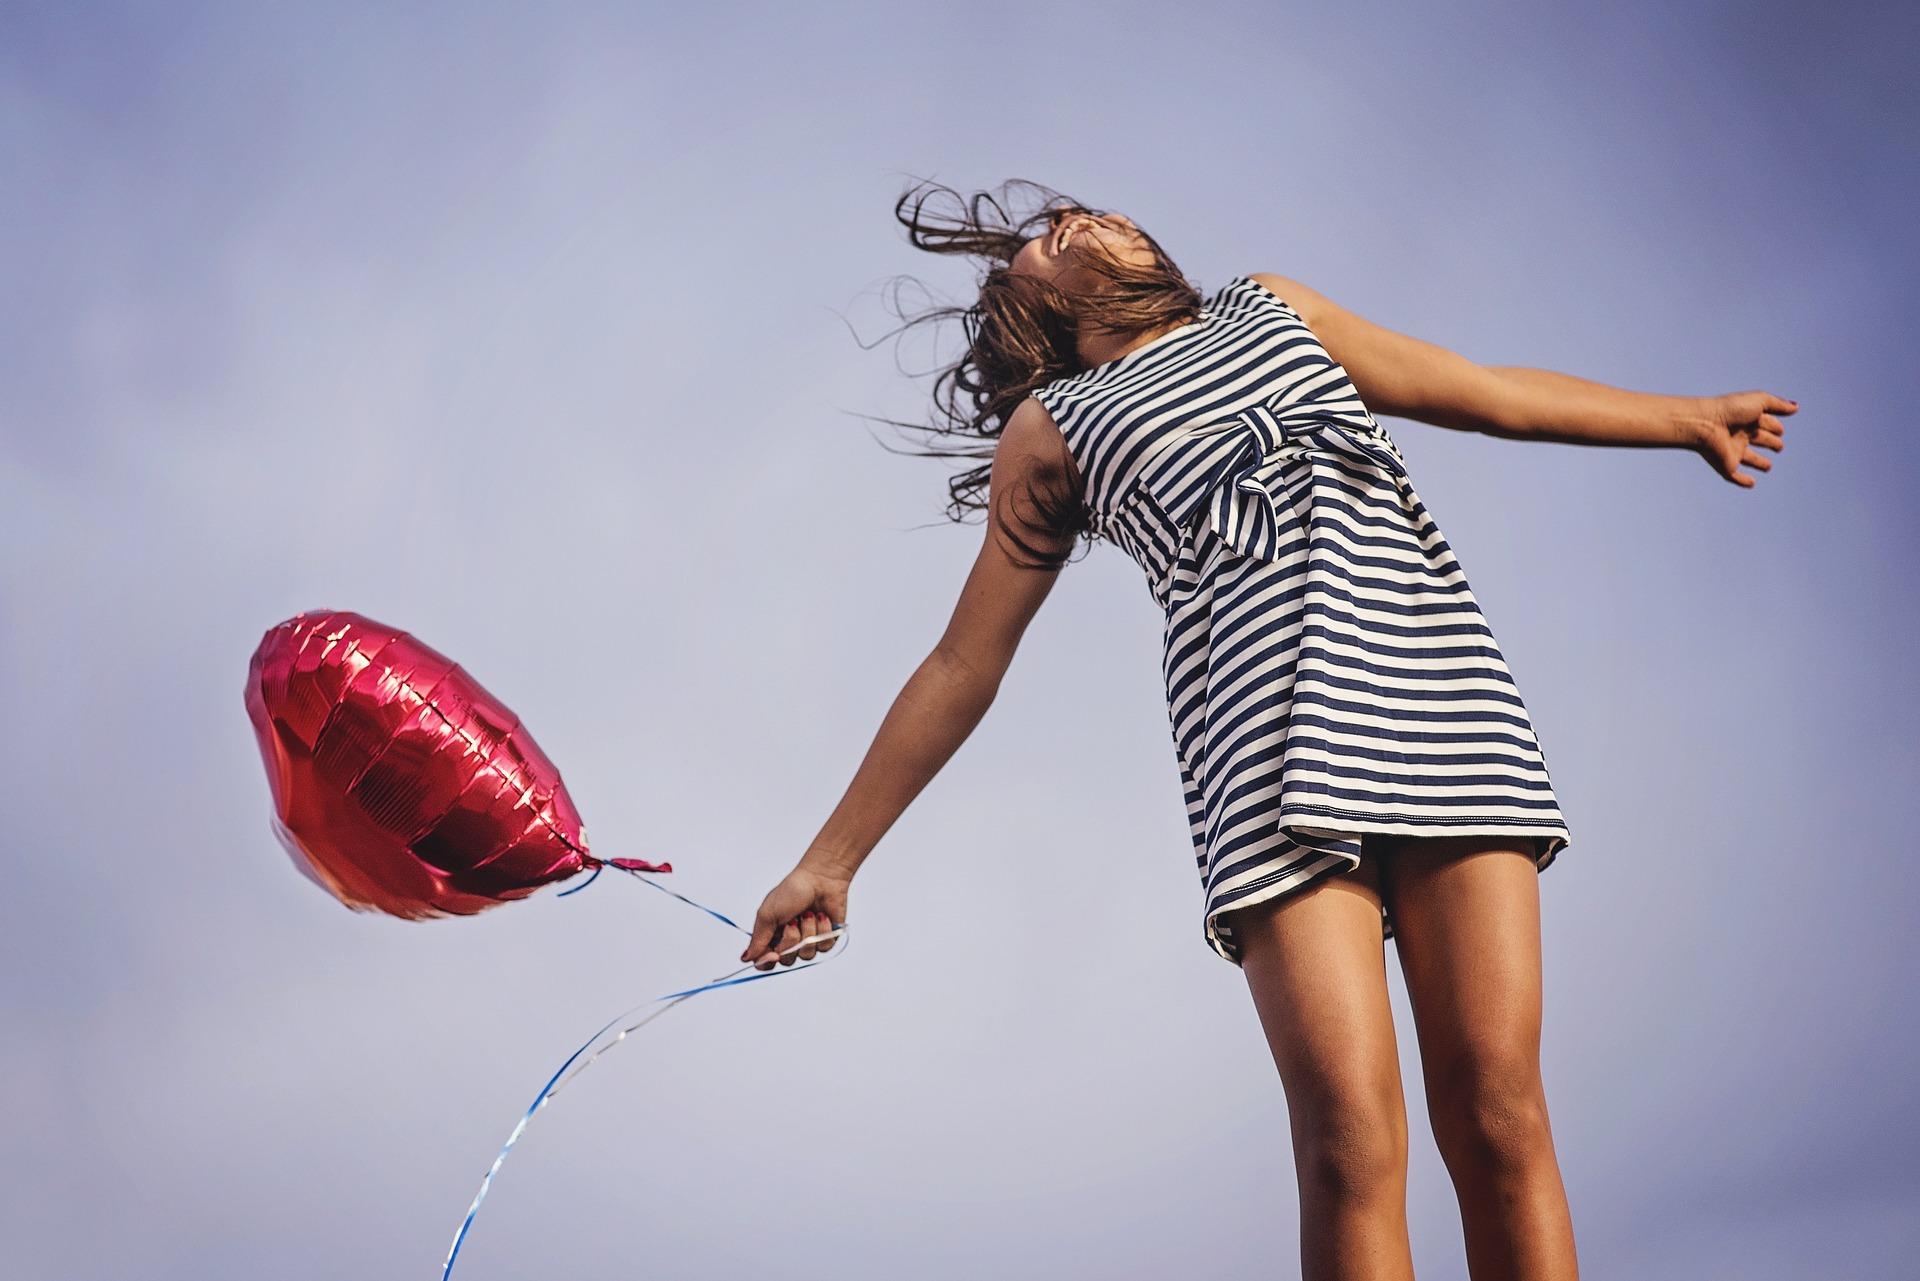 Frau mit Luftballon